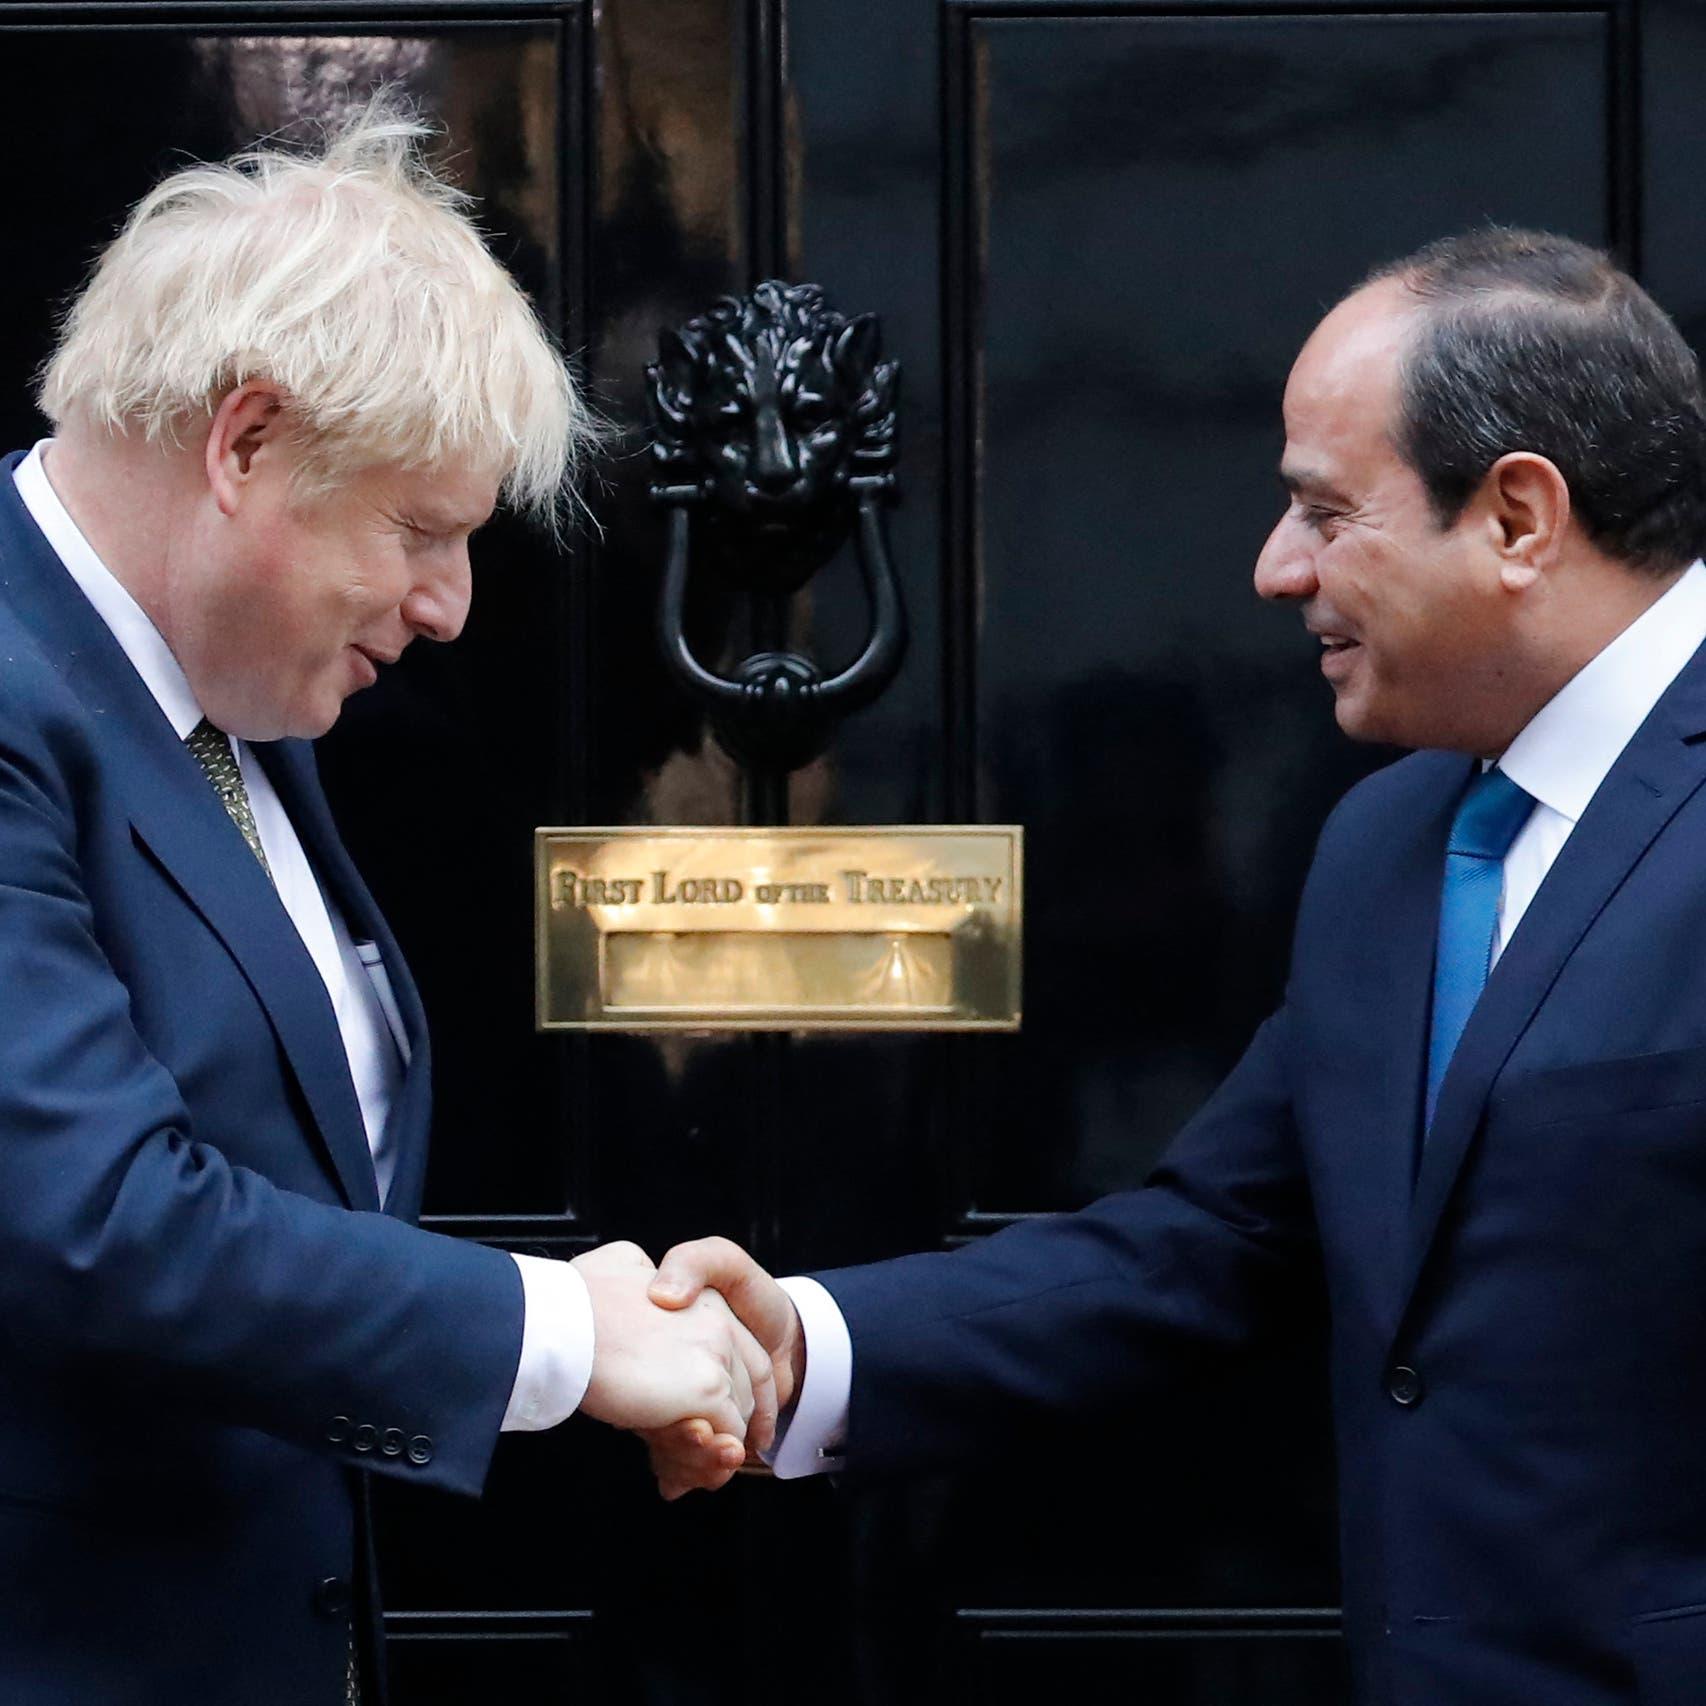 السيسي يؤكد لجونسون تمسك مصر بحقوقها التاريخية في مياه النيل